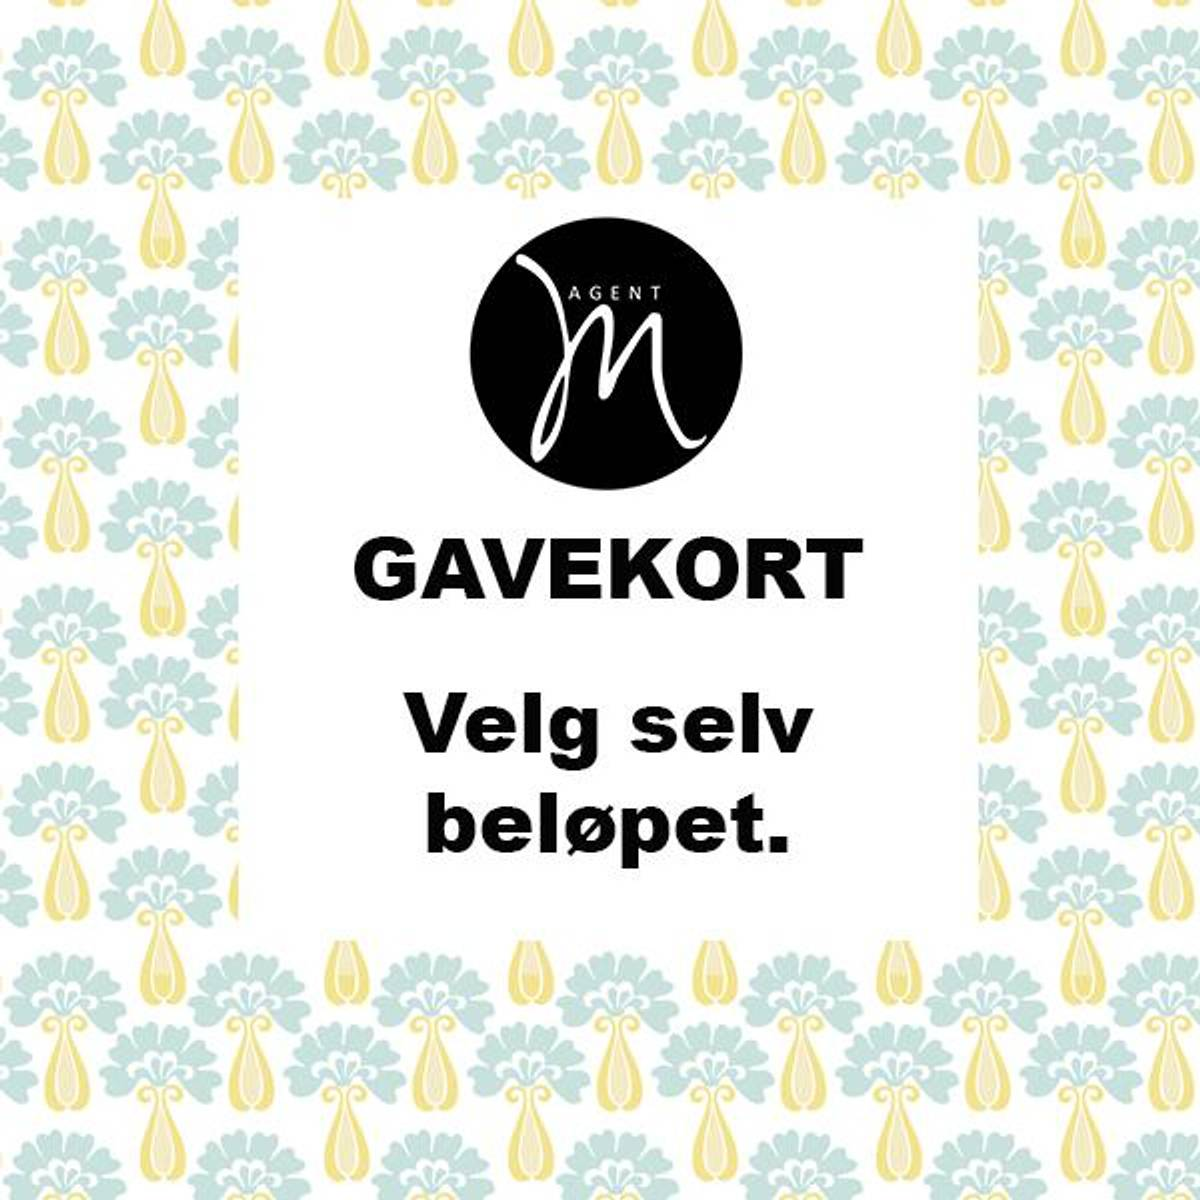 Agent M Gavekort - velg beløpet selv